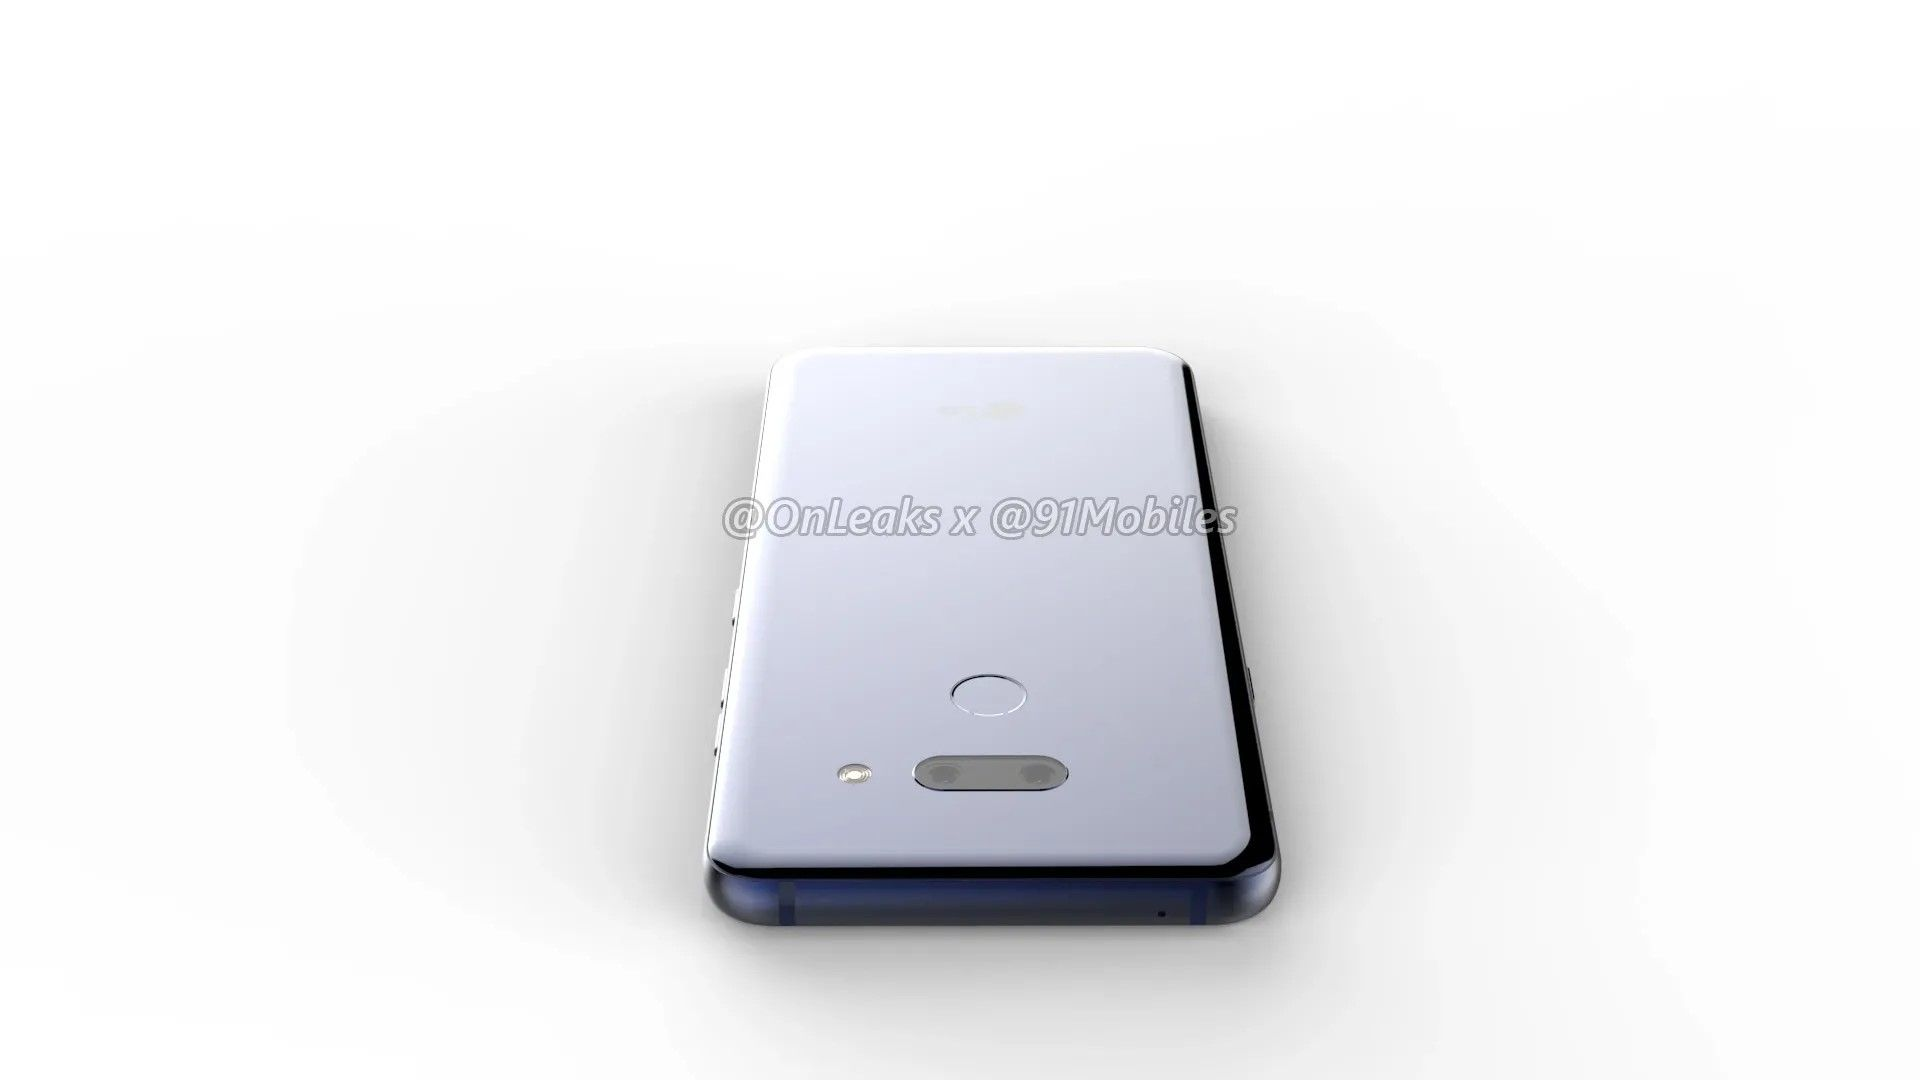 LG G8 ThinQ lộ thiết kế, vẫn màn hình tai thỏ, camera kép và cảm biến vân tay ở mặt sau, nhưng sẽ có một thay đổi lớn - Ảnh 6.